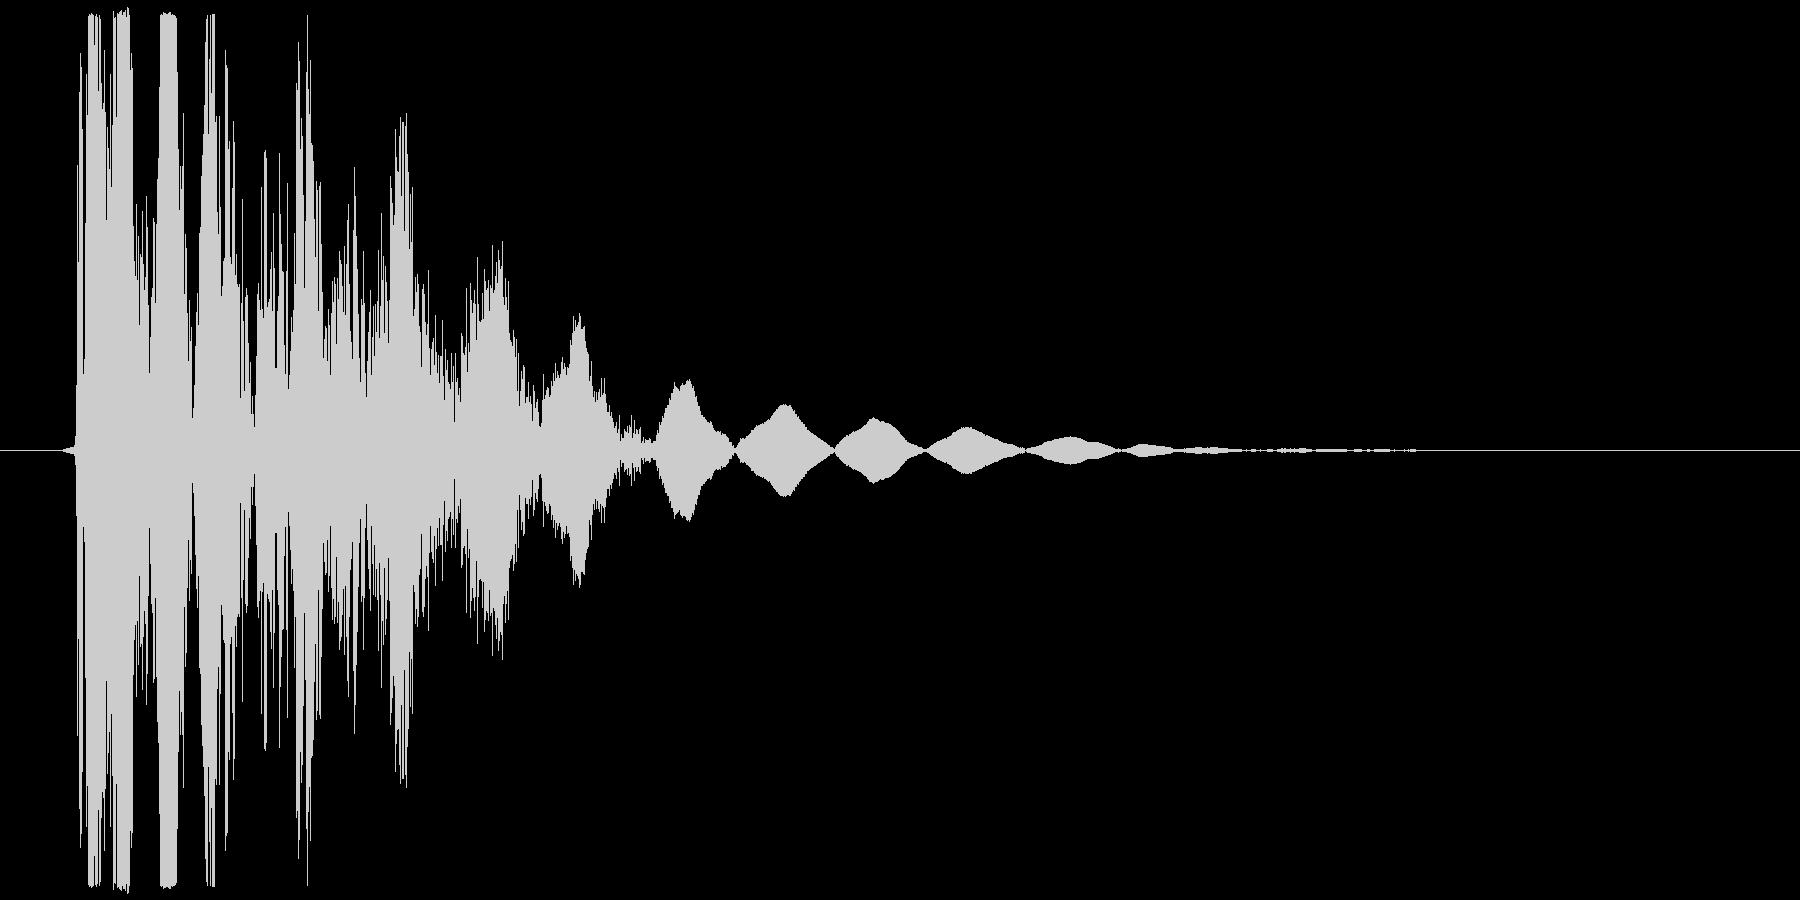 オーソドックスなパンチやキック向け打撃音の未再生の波形